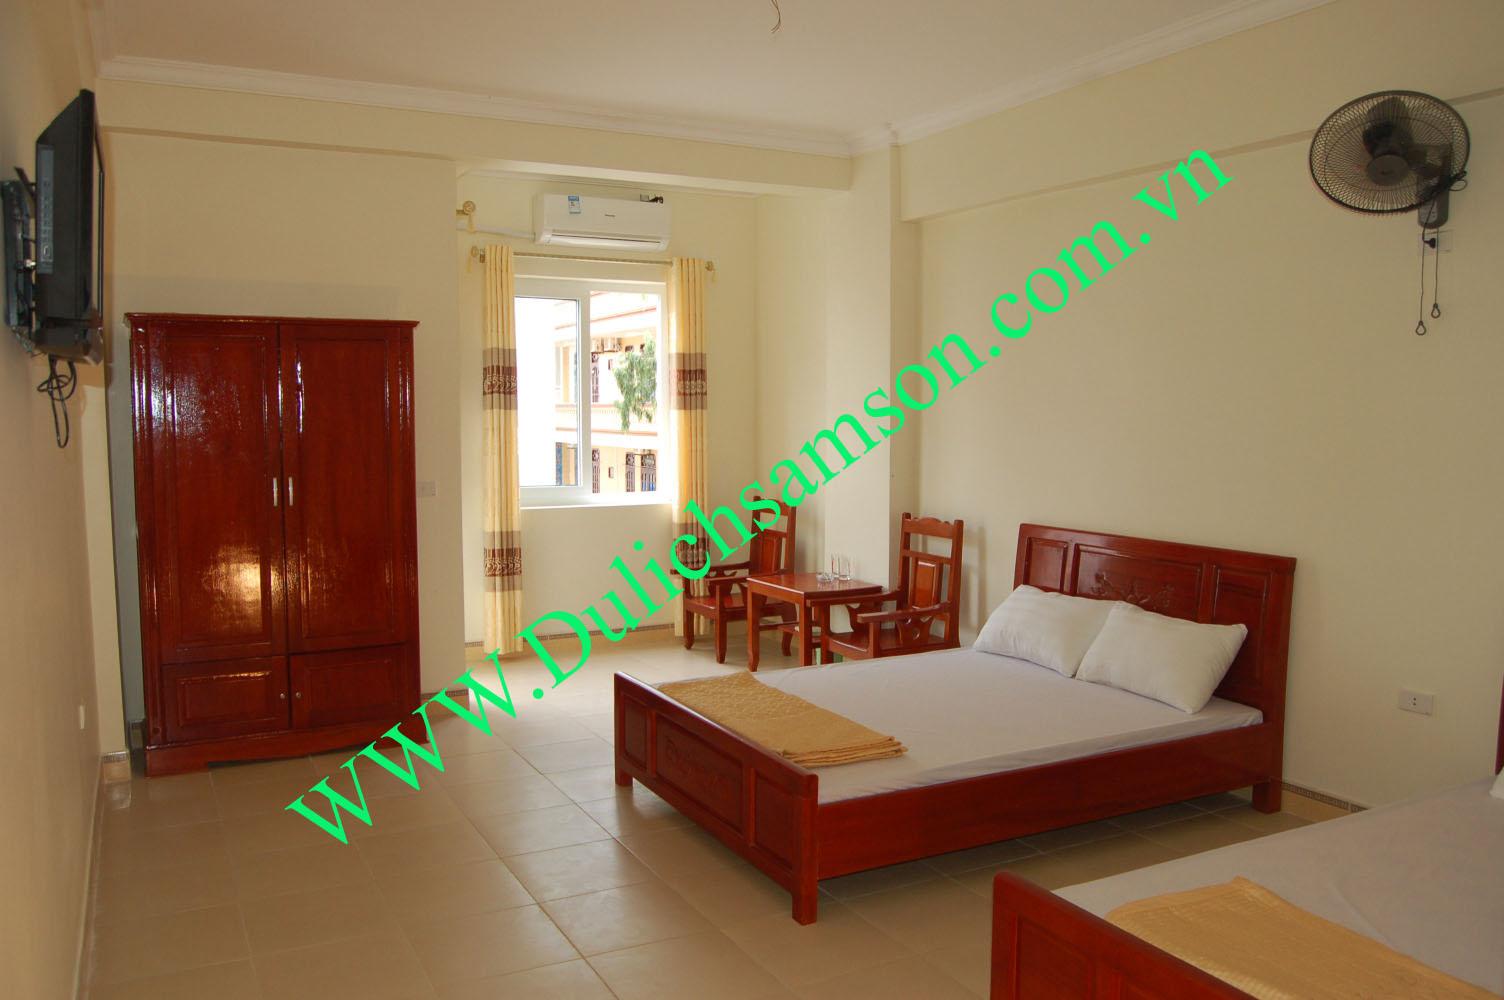 Giá phòng khách sạn Minh Thủy Sầm Sơn, khách sạn bãi C quy mô 20 phòng